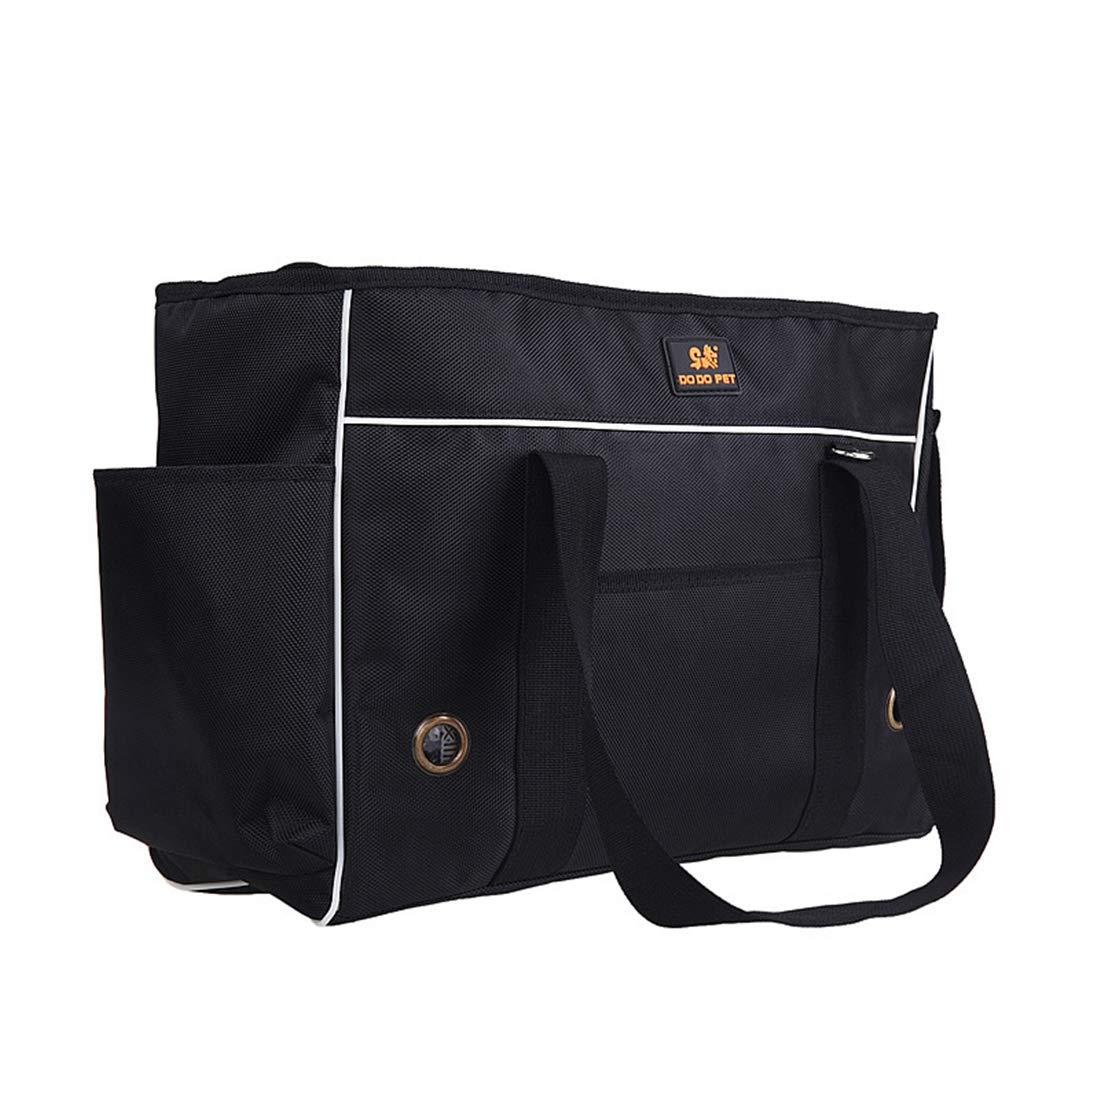 Black L(upto7kg) Black L(upto7kg) Pet Handbag Soft Sided Carrier Carrying Bag Dog Cat Messenger Bag Oxford Cloth